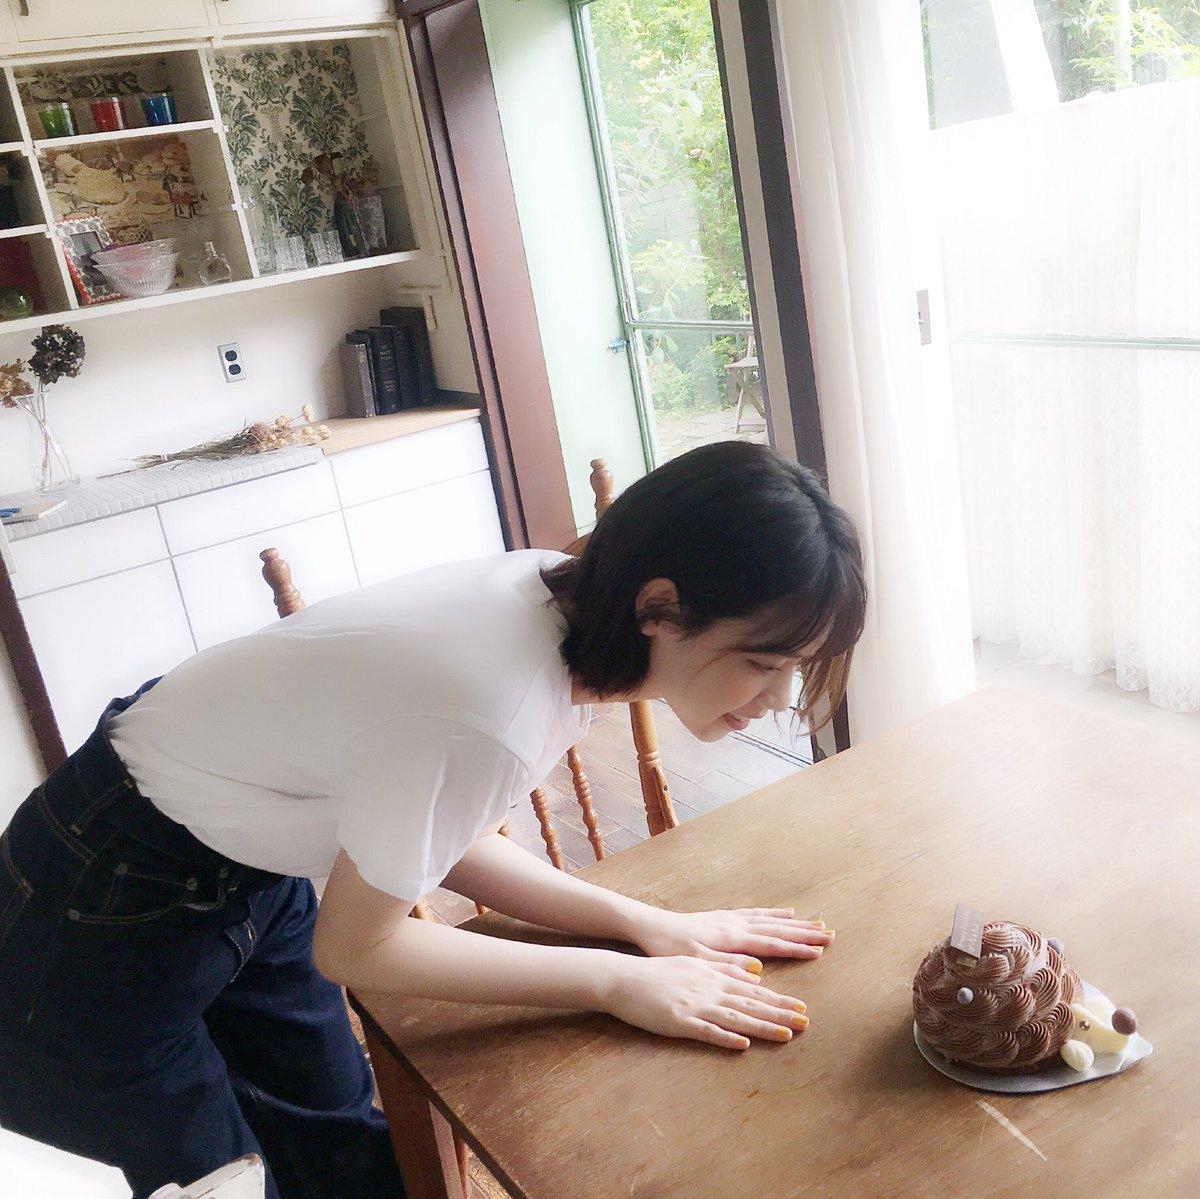 【エンタメ画像】【乃木坂46】西野七瀬×ハリネズミがかわいすぎる。